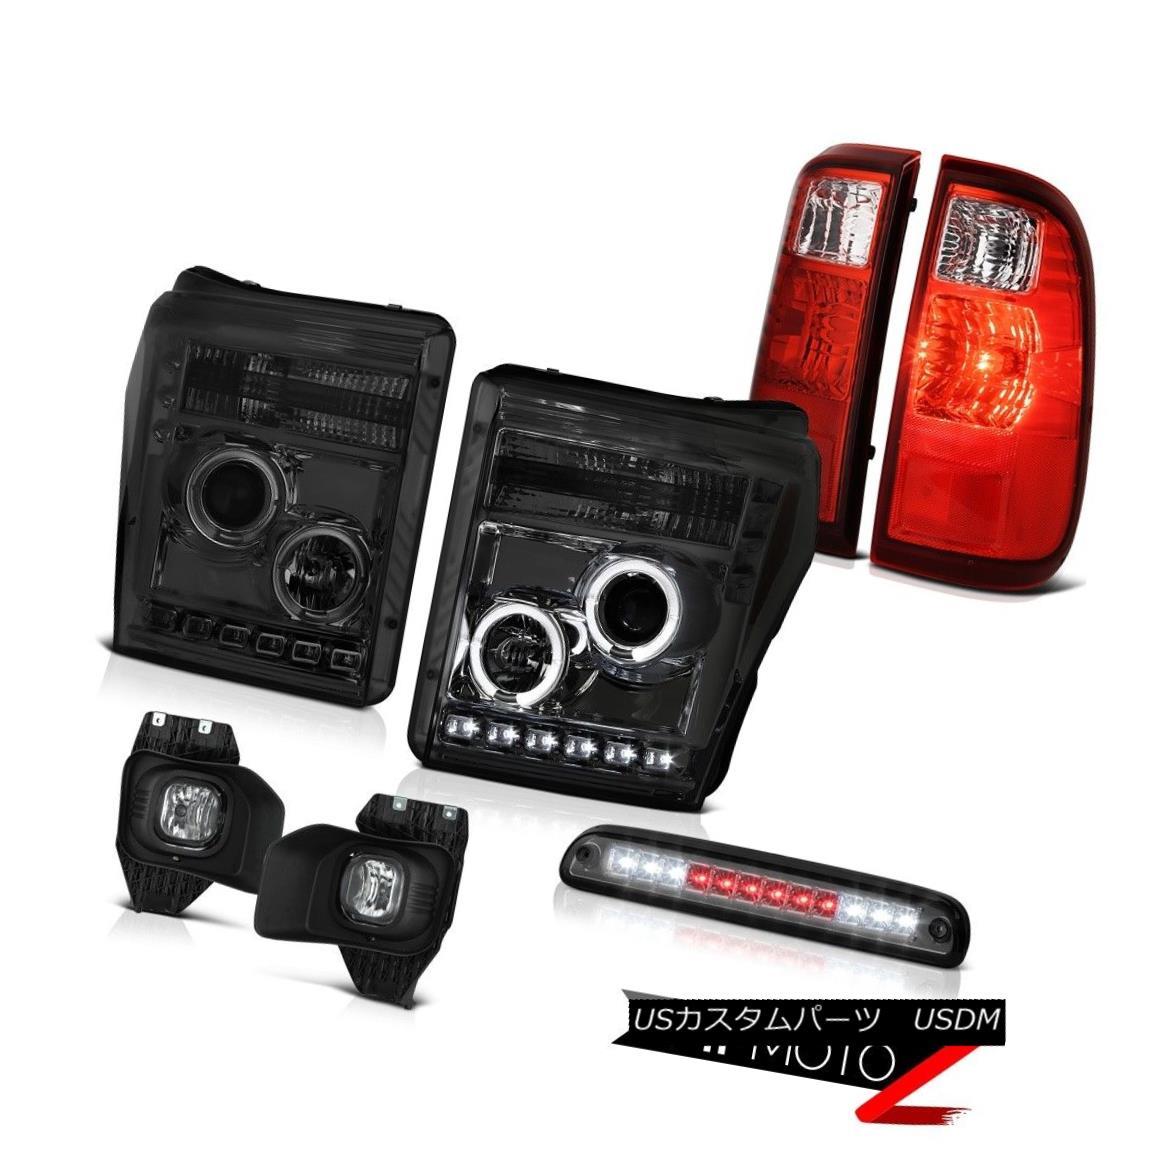 ヘッドライト 11-16 F350 6.7L 3RD Brake Light Fog Lights Wine Red Rear Headlamps Angel Eyes 11-16 F350 6.7L 3RDブレーキライトフォグライトワインレッドリアヘッドランプエンジェルアイズ